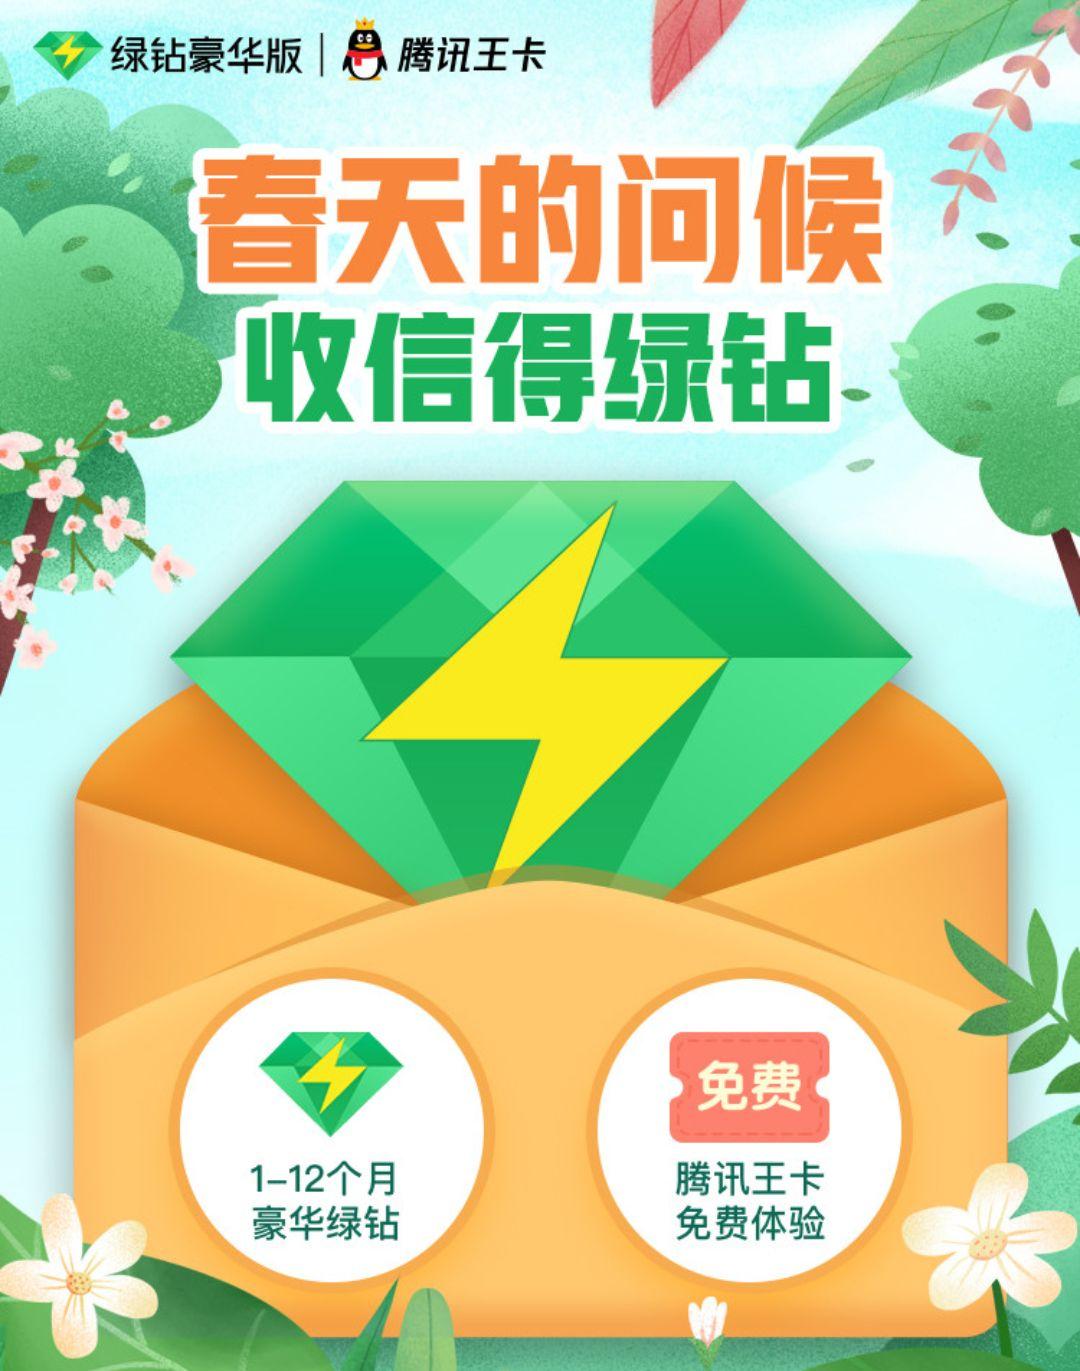 QQ音乐春天的问候 抽1-12月豪华绿钻或腾讯王卡体验